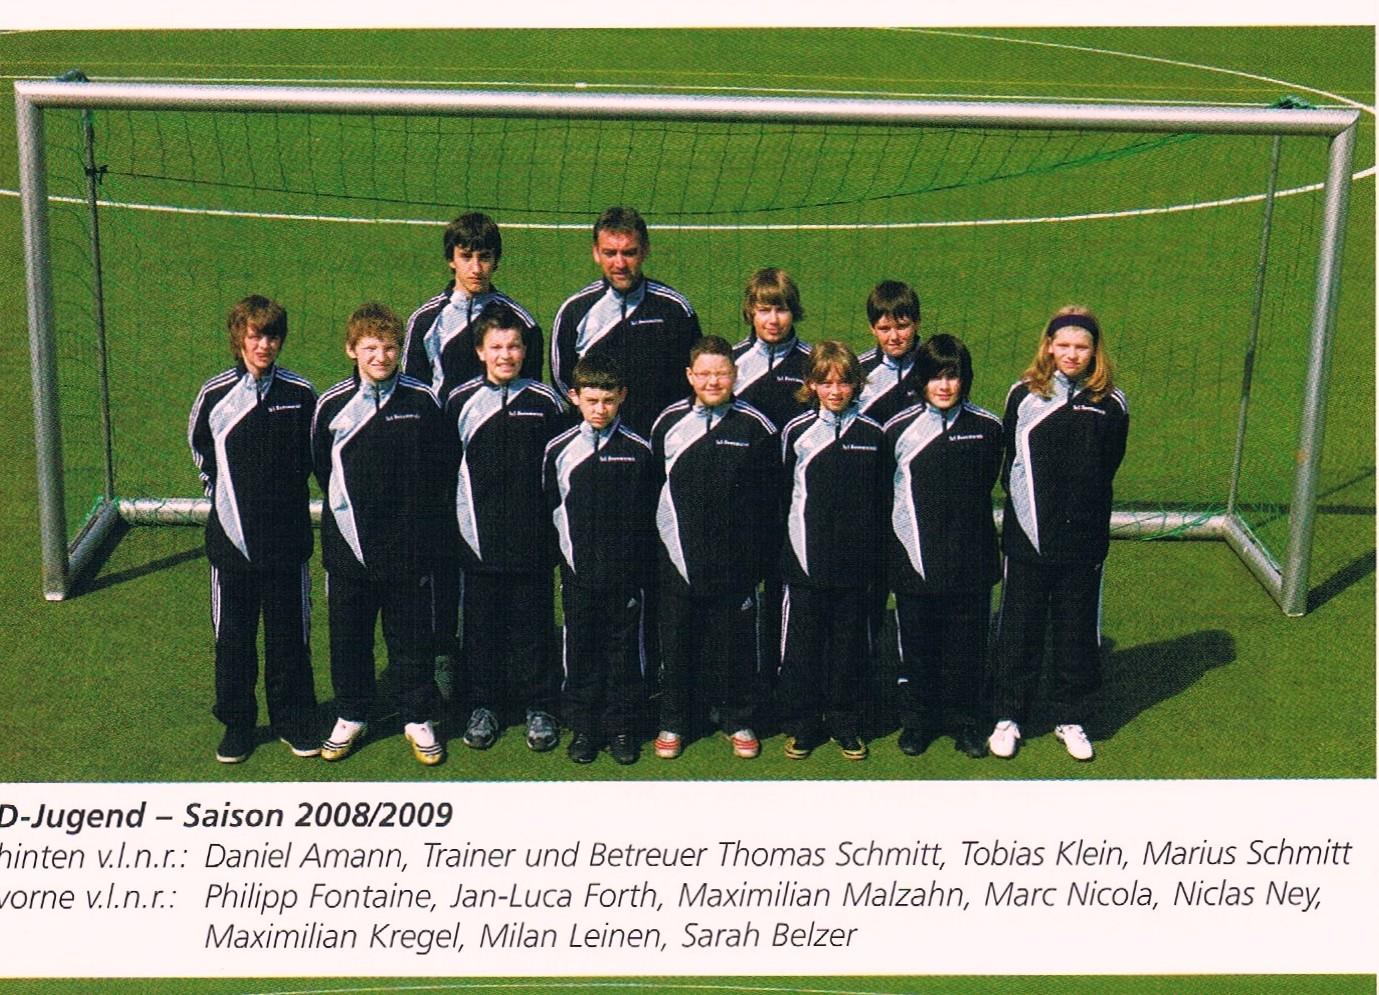 D-JUGEND 2008/09